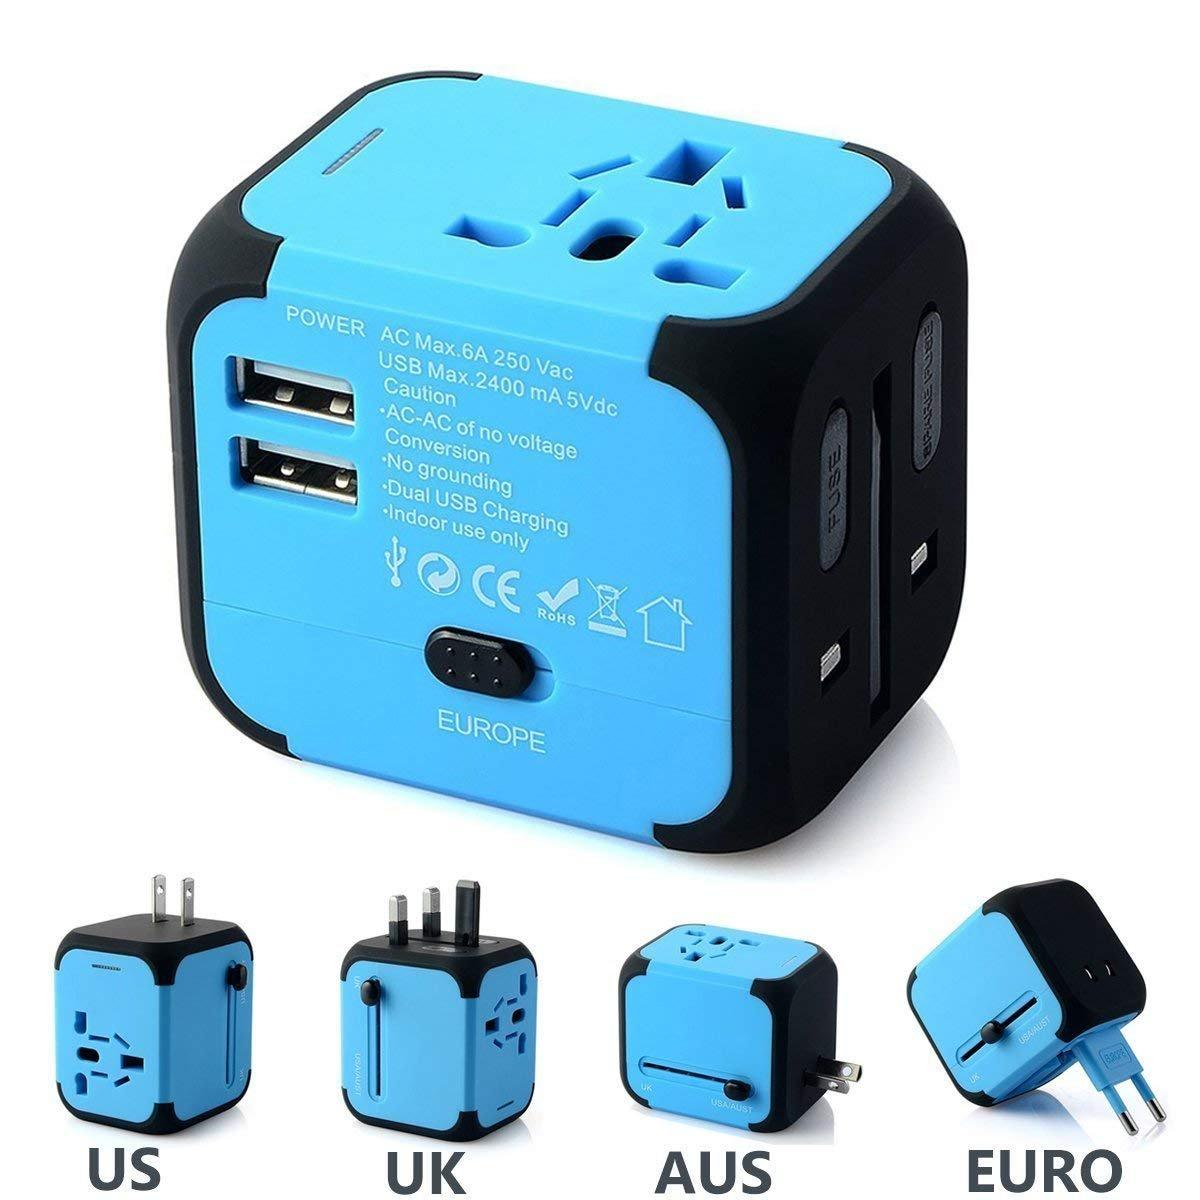 FEIGO Adaptateur de Voyage Universel, [UE US UK AUS] Adaptateur Prise de Courant International, Mini Adaptateur de Chargeur avec 2 Ports USB pour Plus de 150 Pays - Bleu